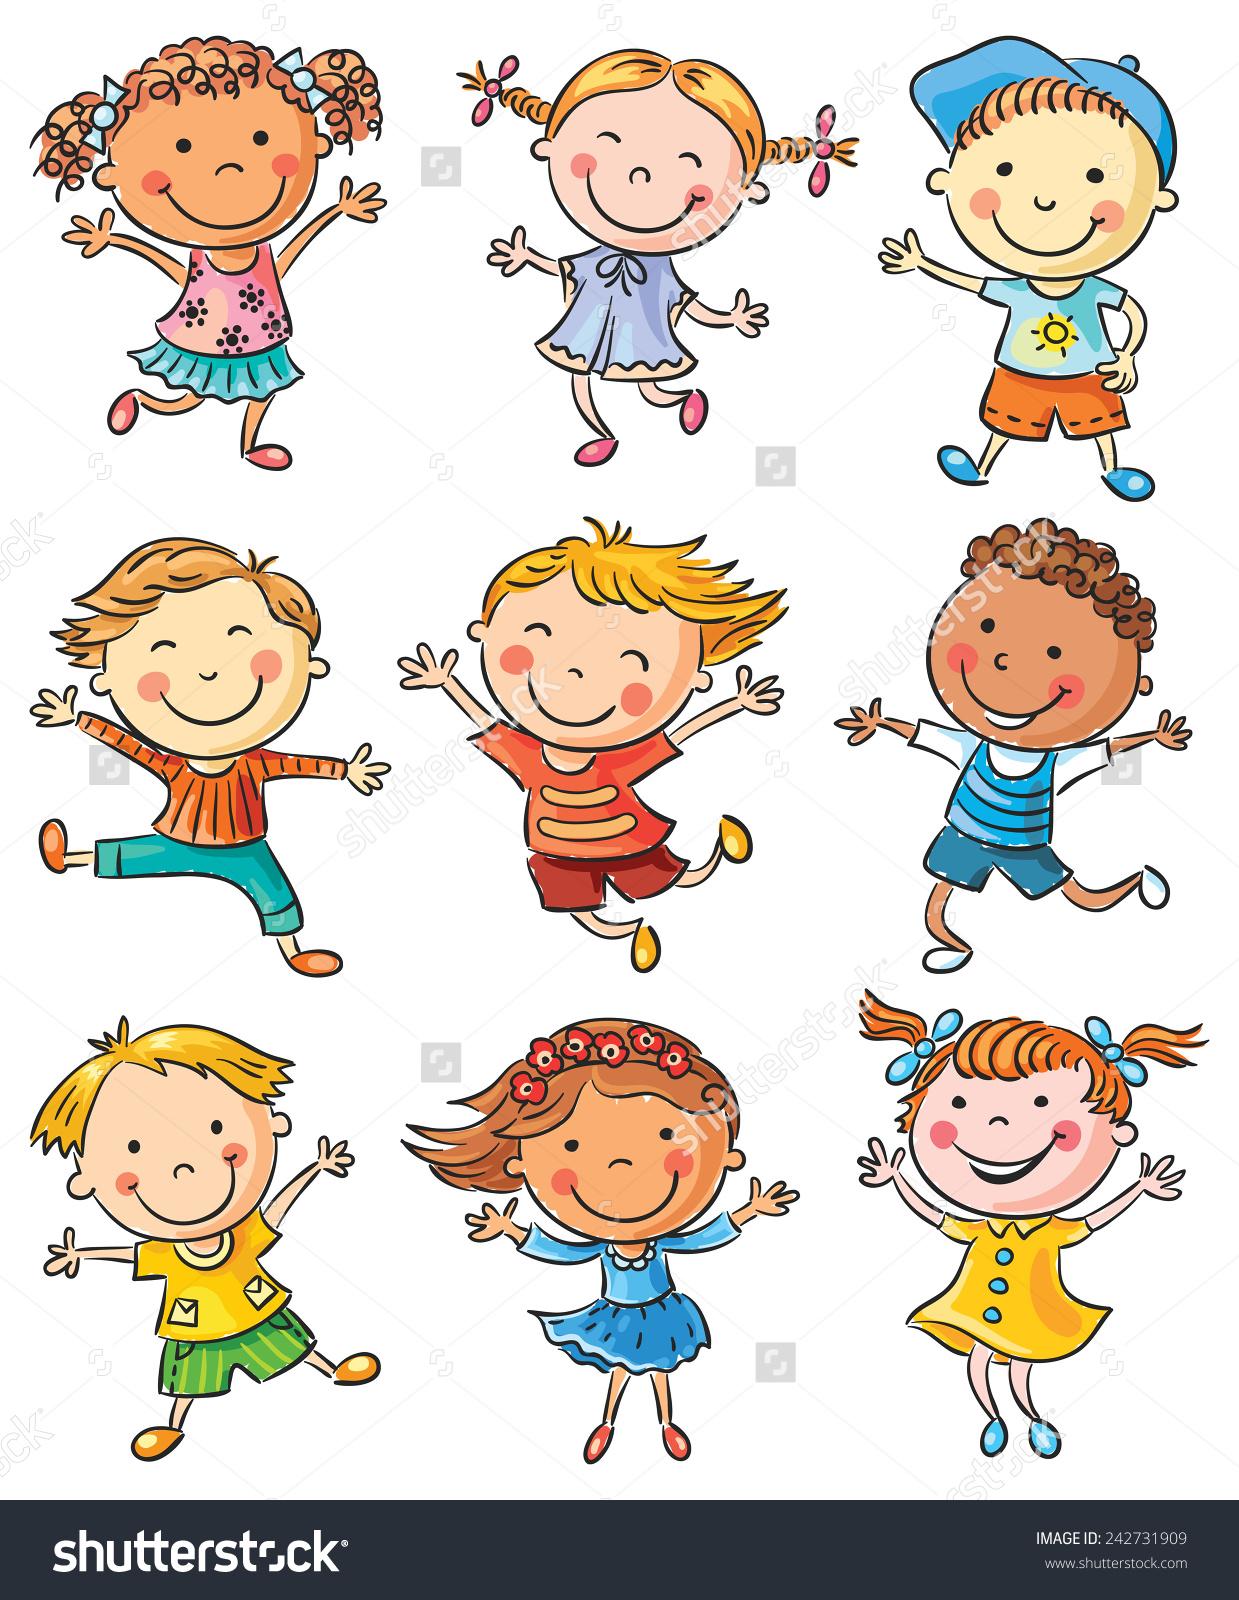 Nine Happy Cartoon Kids Dancing Jumping Stock Vector 242731909.